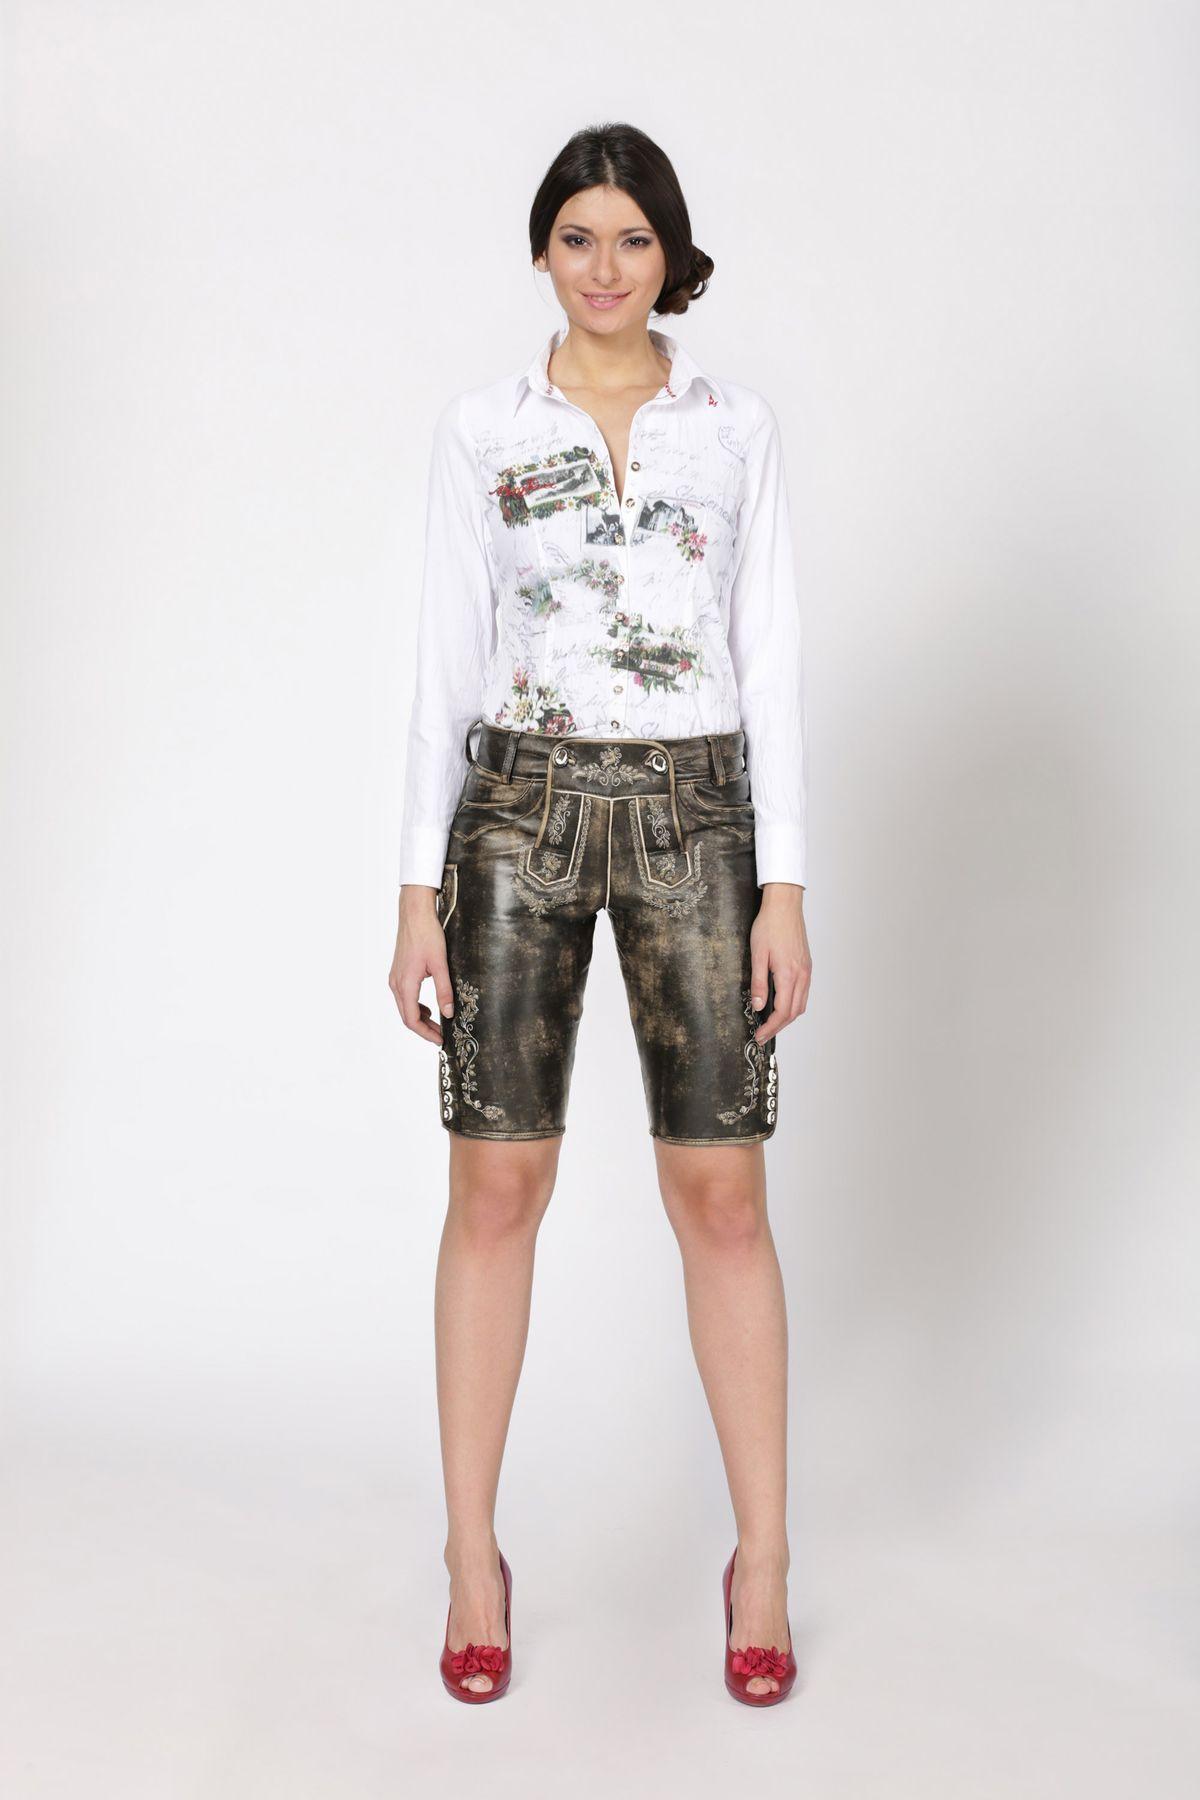 Stockerpoint - Damen Trachten Lederhose aus Ziegen Nappa Leder, Knielang,  Pam – Bild 17